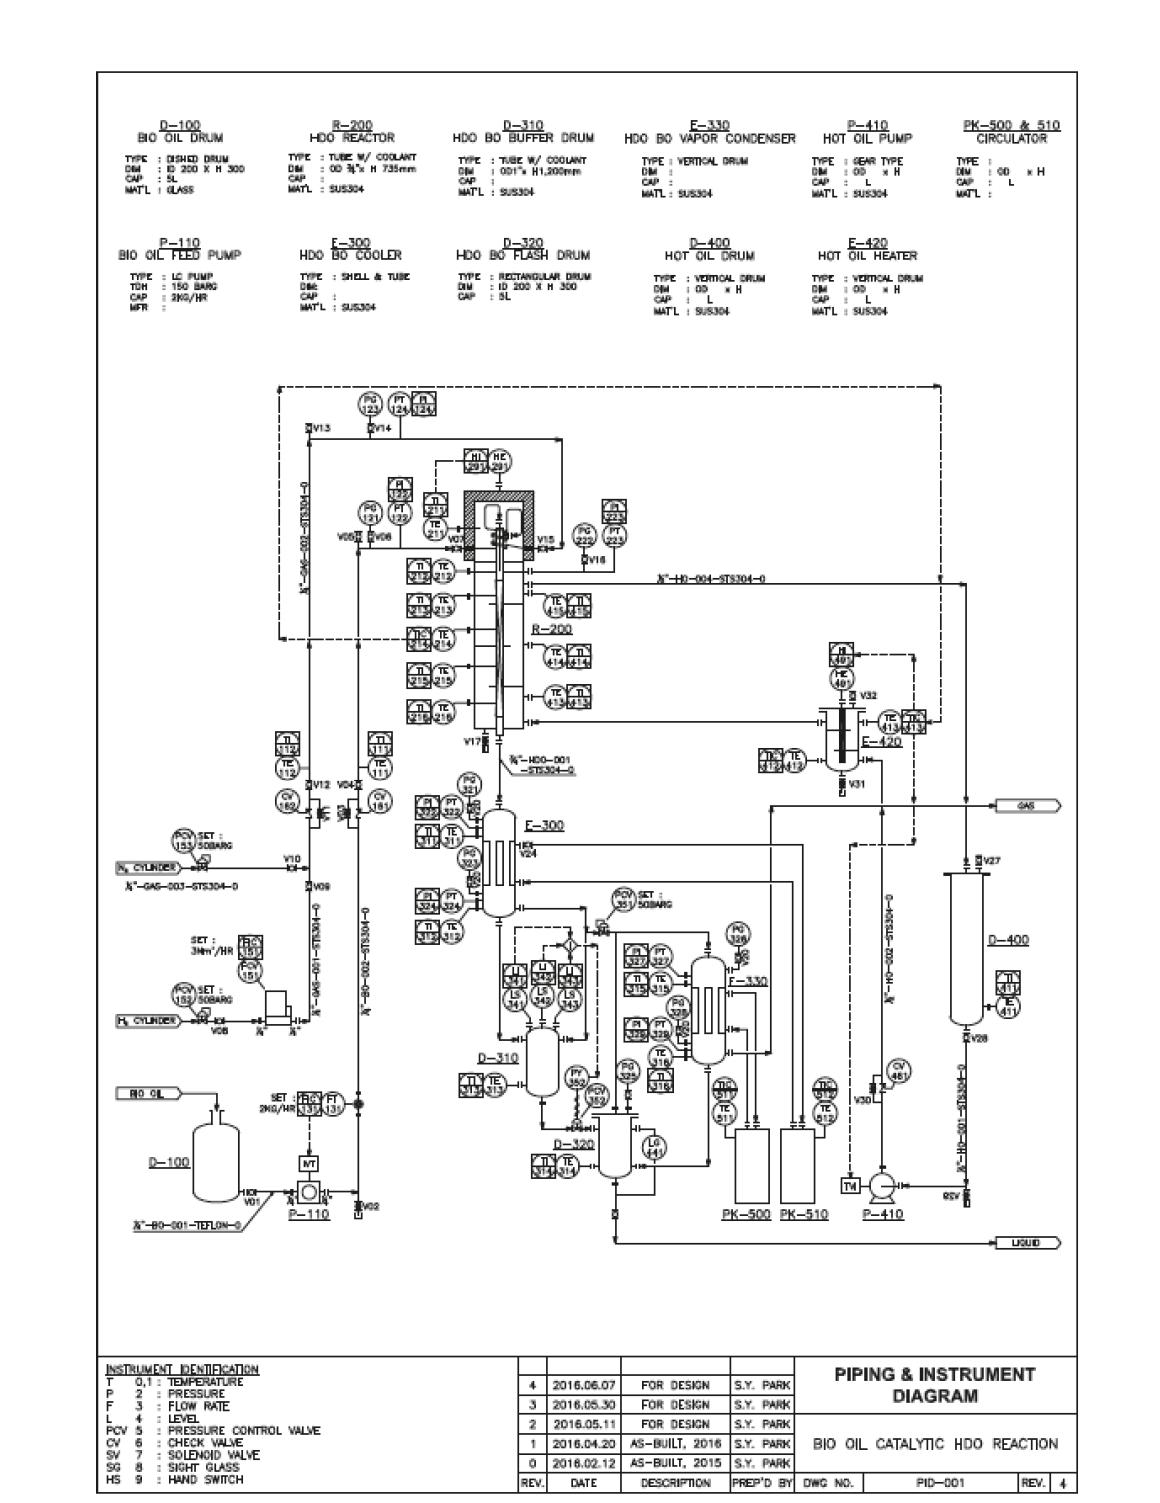 연속 HDO 장치의 P&ID (Piping & Instrument Diagram)